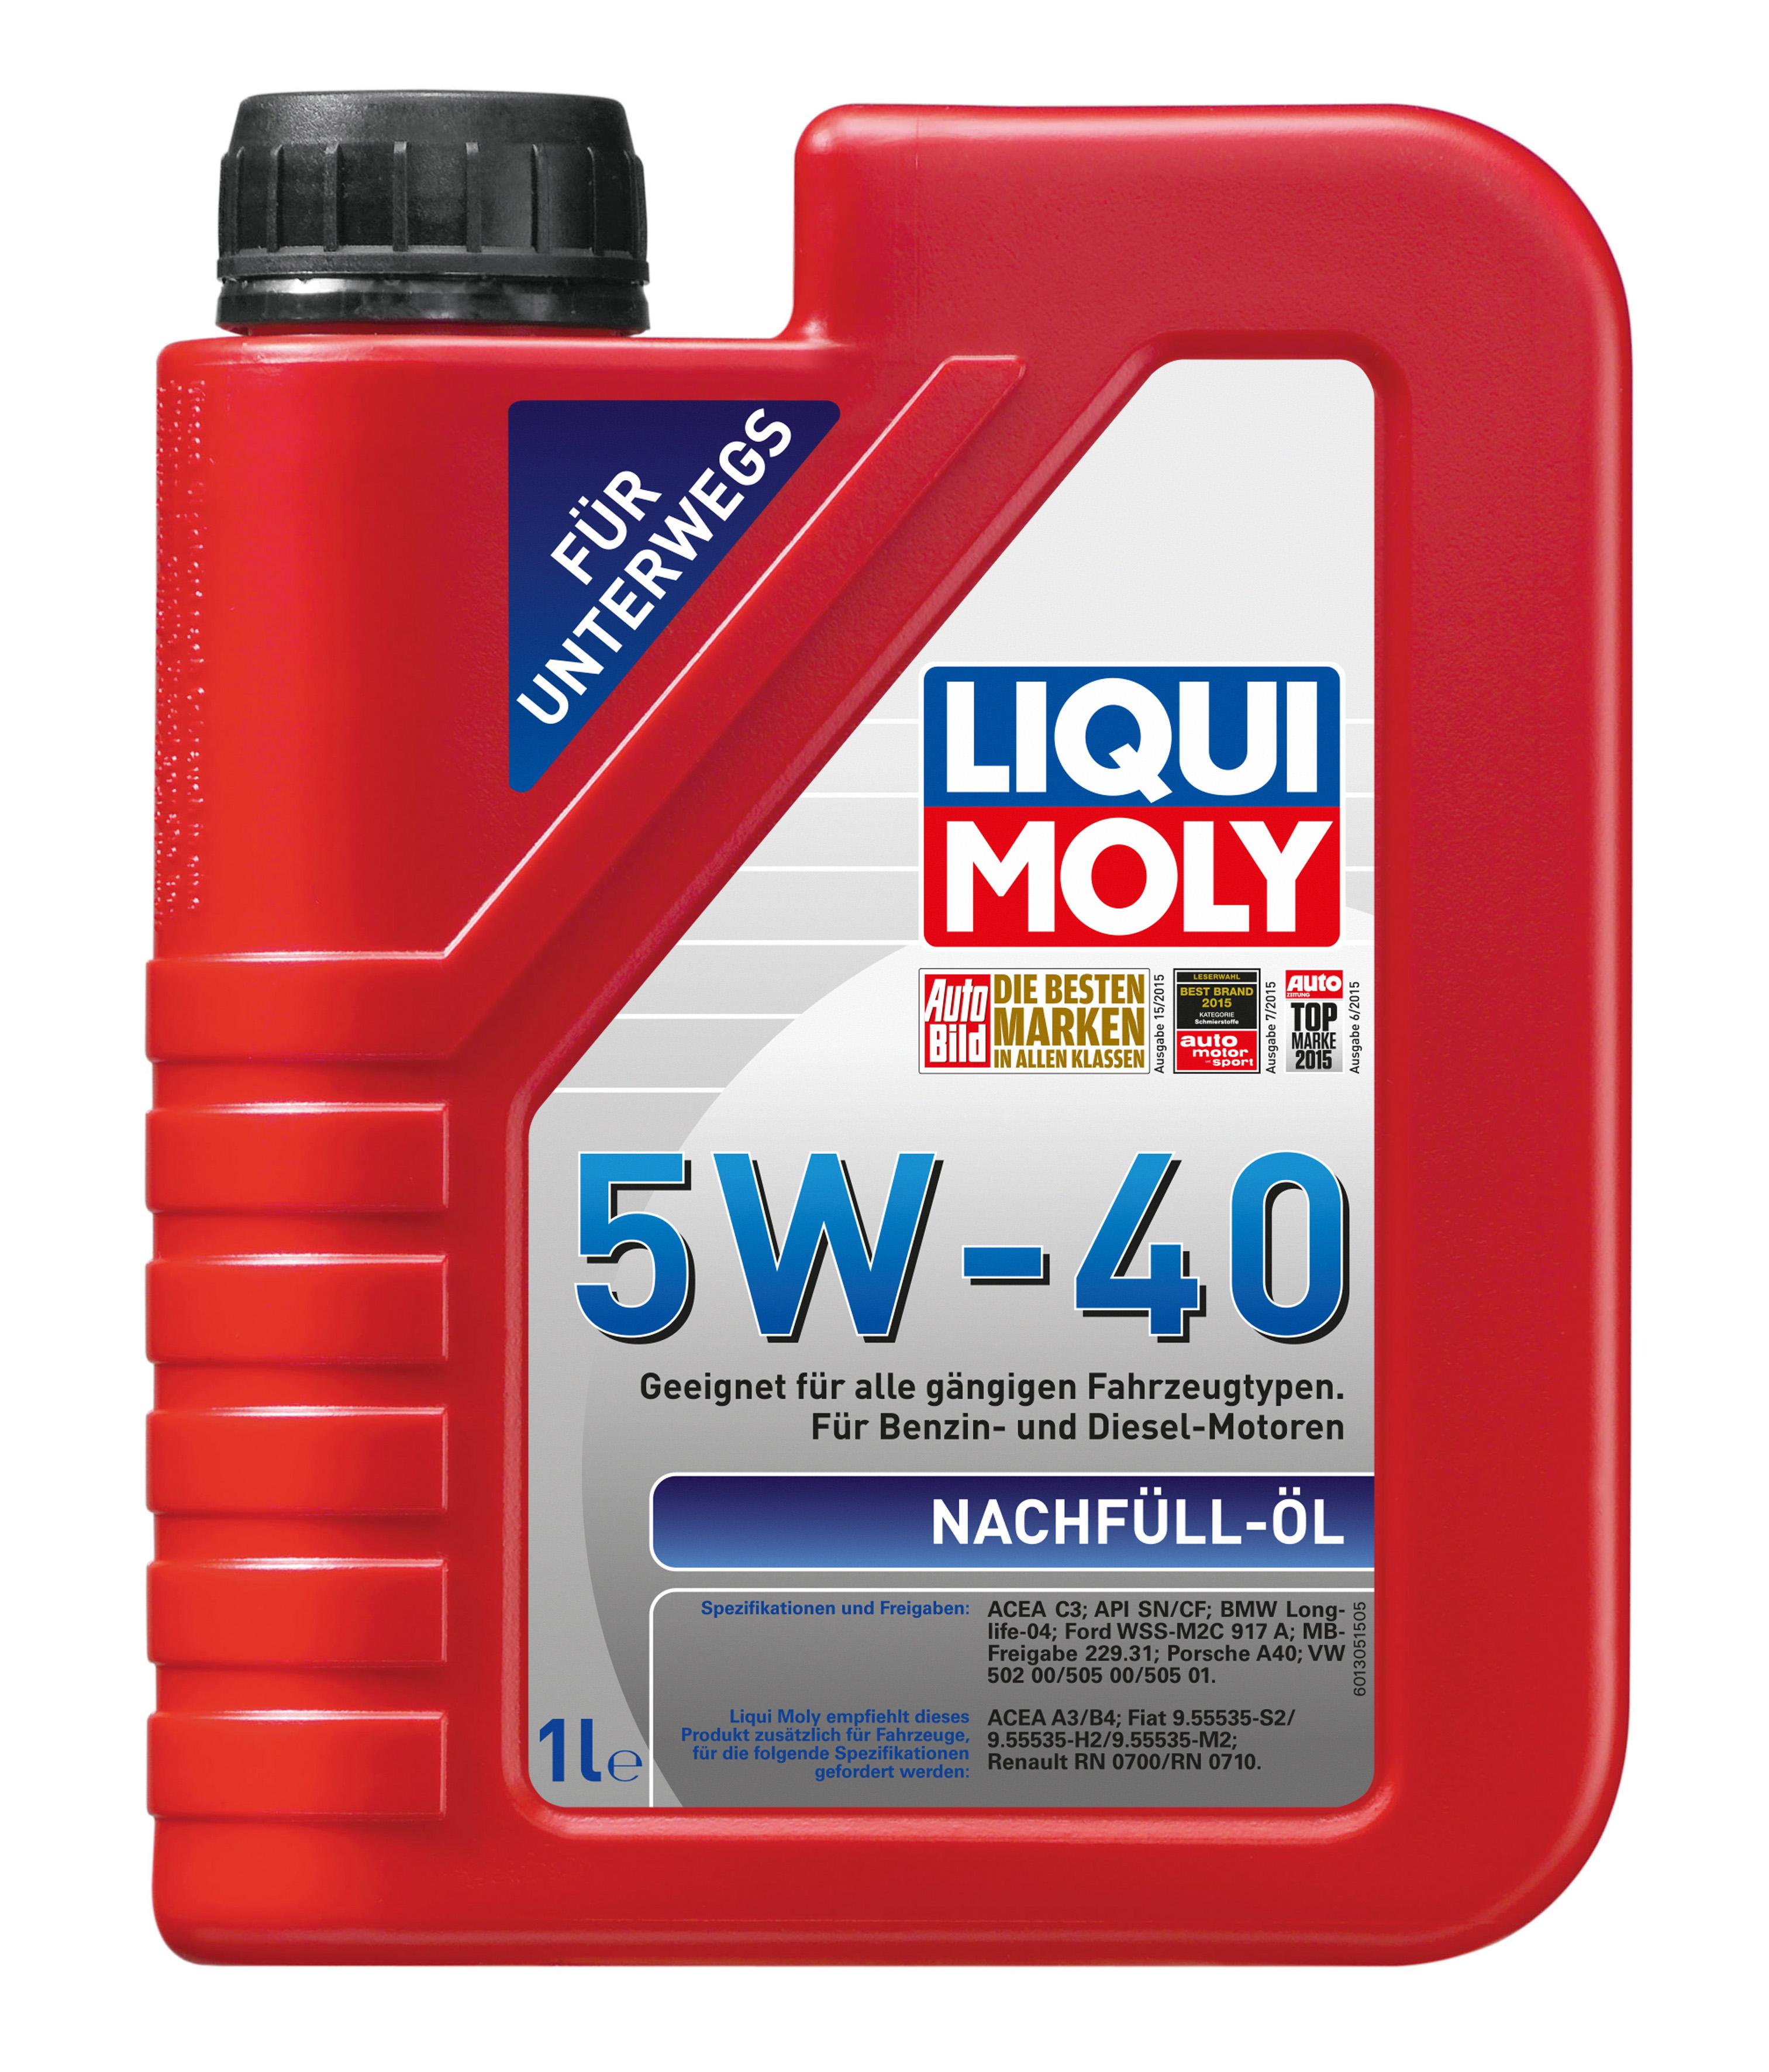 НС-синтетическое моторное масло Nachfull Oil 5W-40